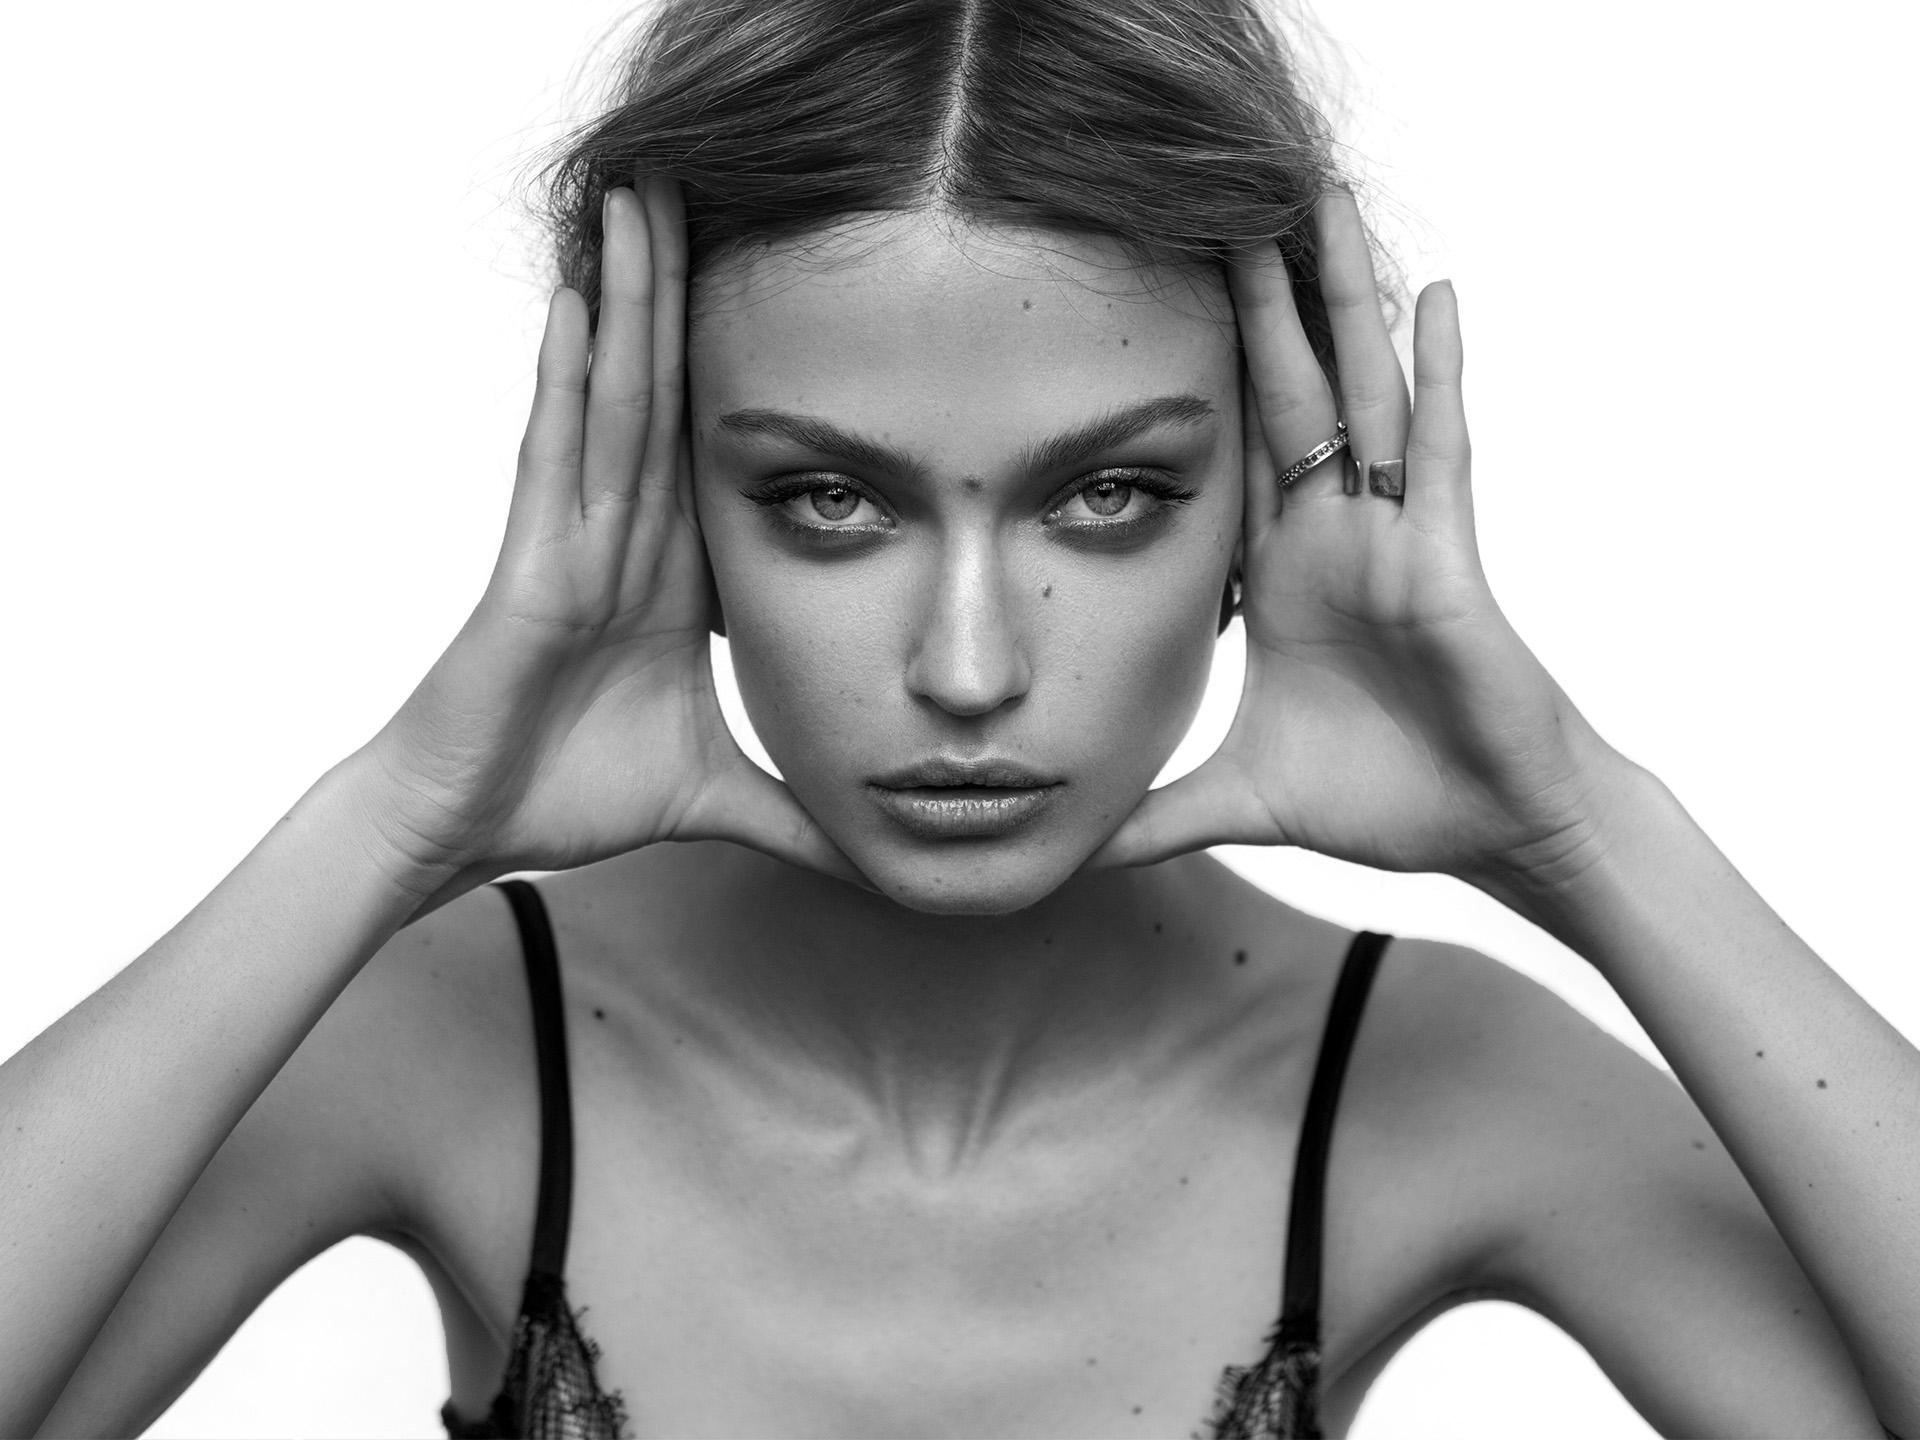 BeckySiegel-VictoriaPlum-2Y5G6750.jpg